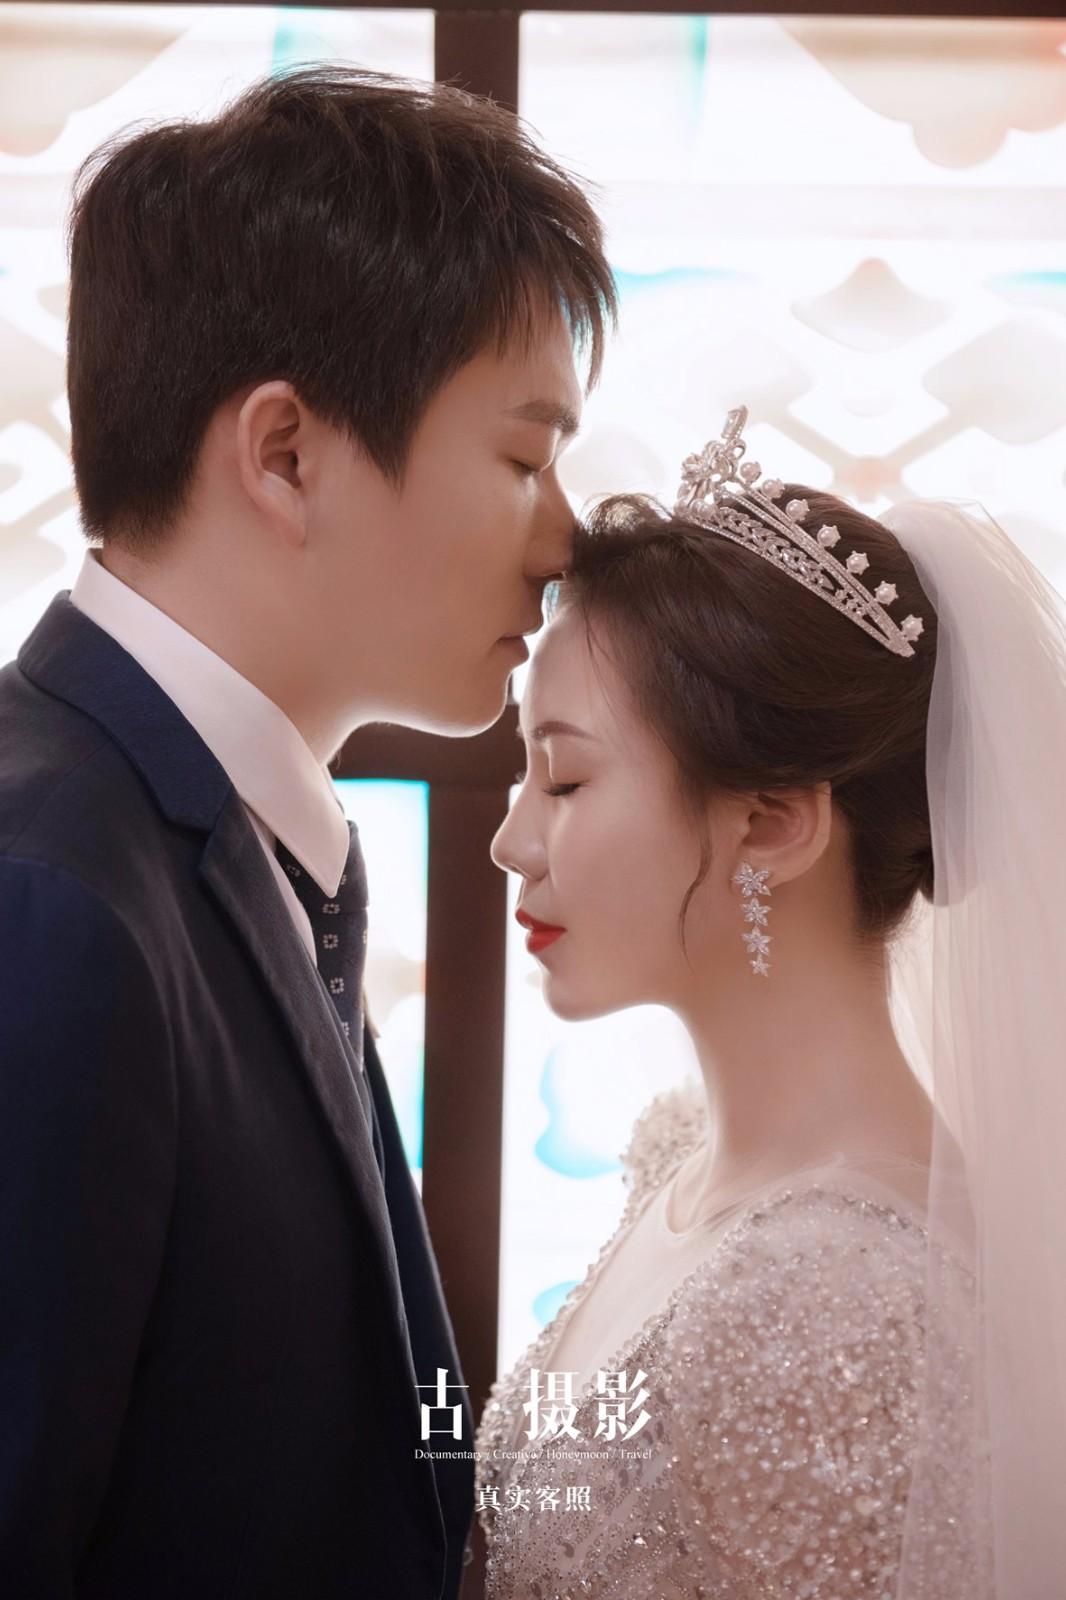 郭先生 吴小姐 - 每日客照 - 广州婚纱摄影-广州古摄影官网